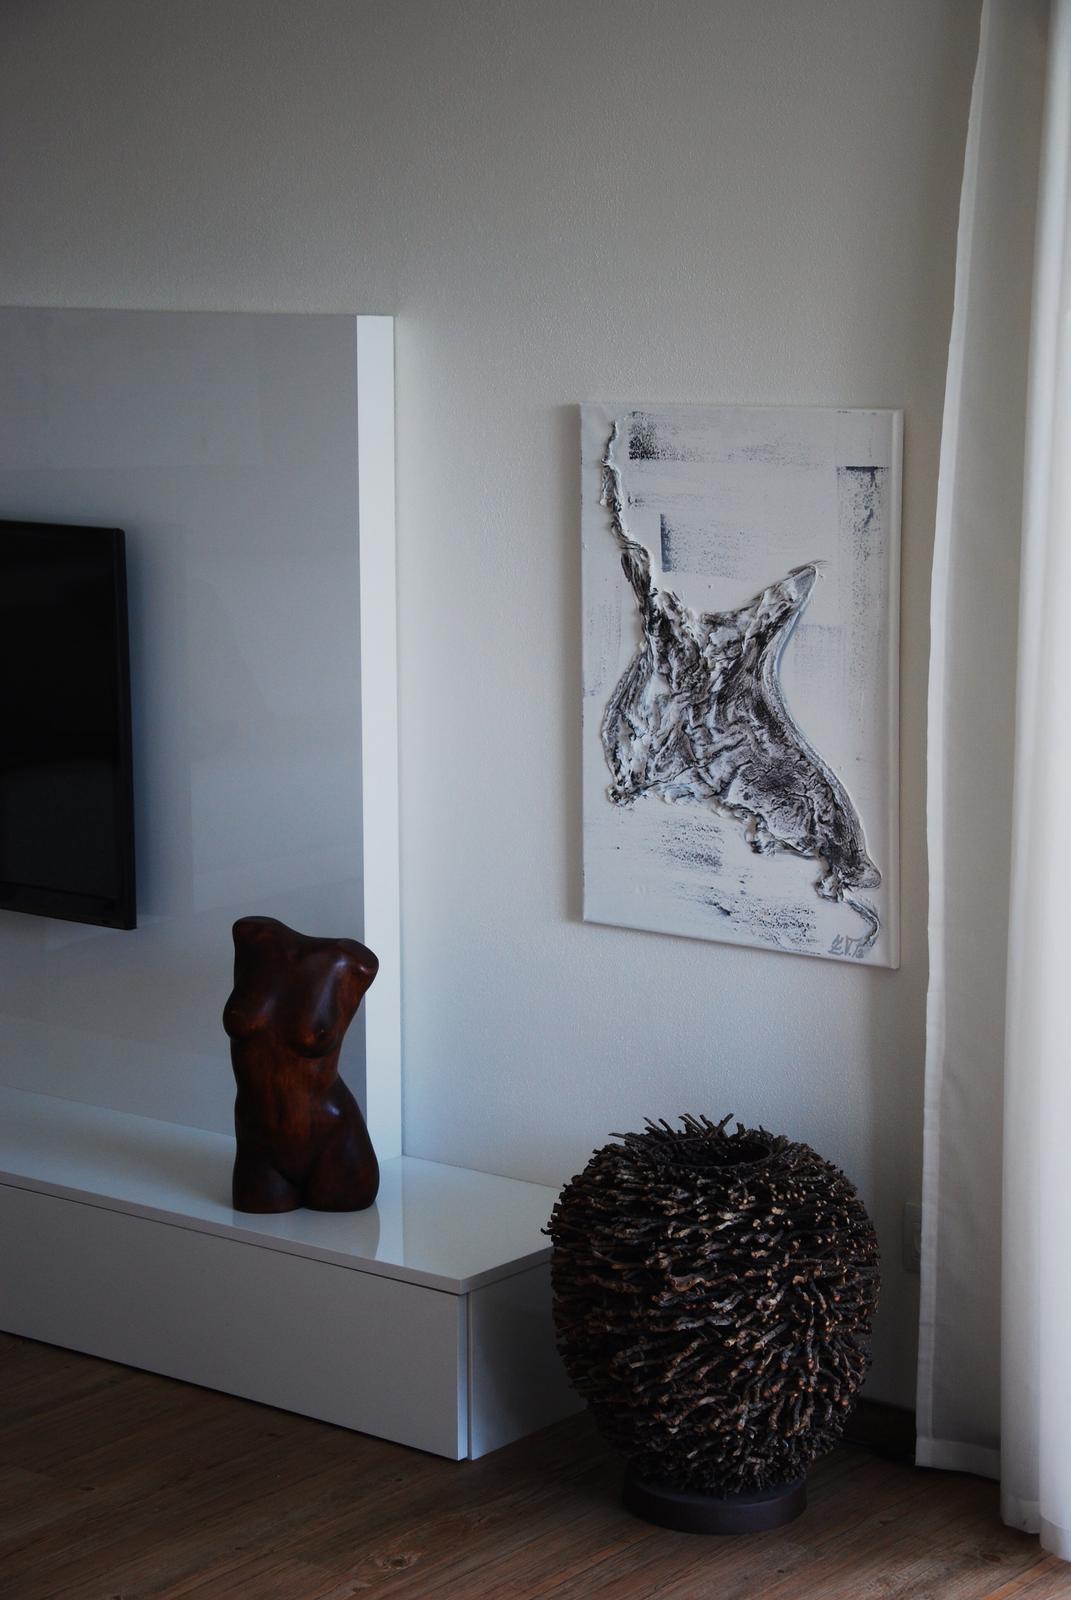 Mé obrazy v interiérech - Obrázek č. 28